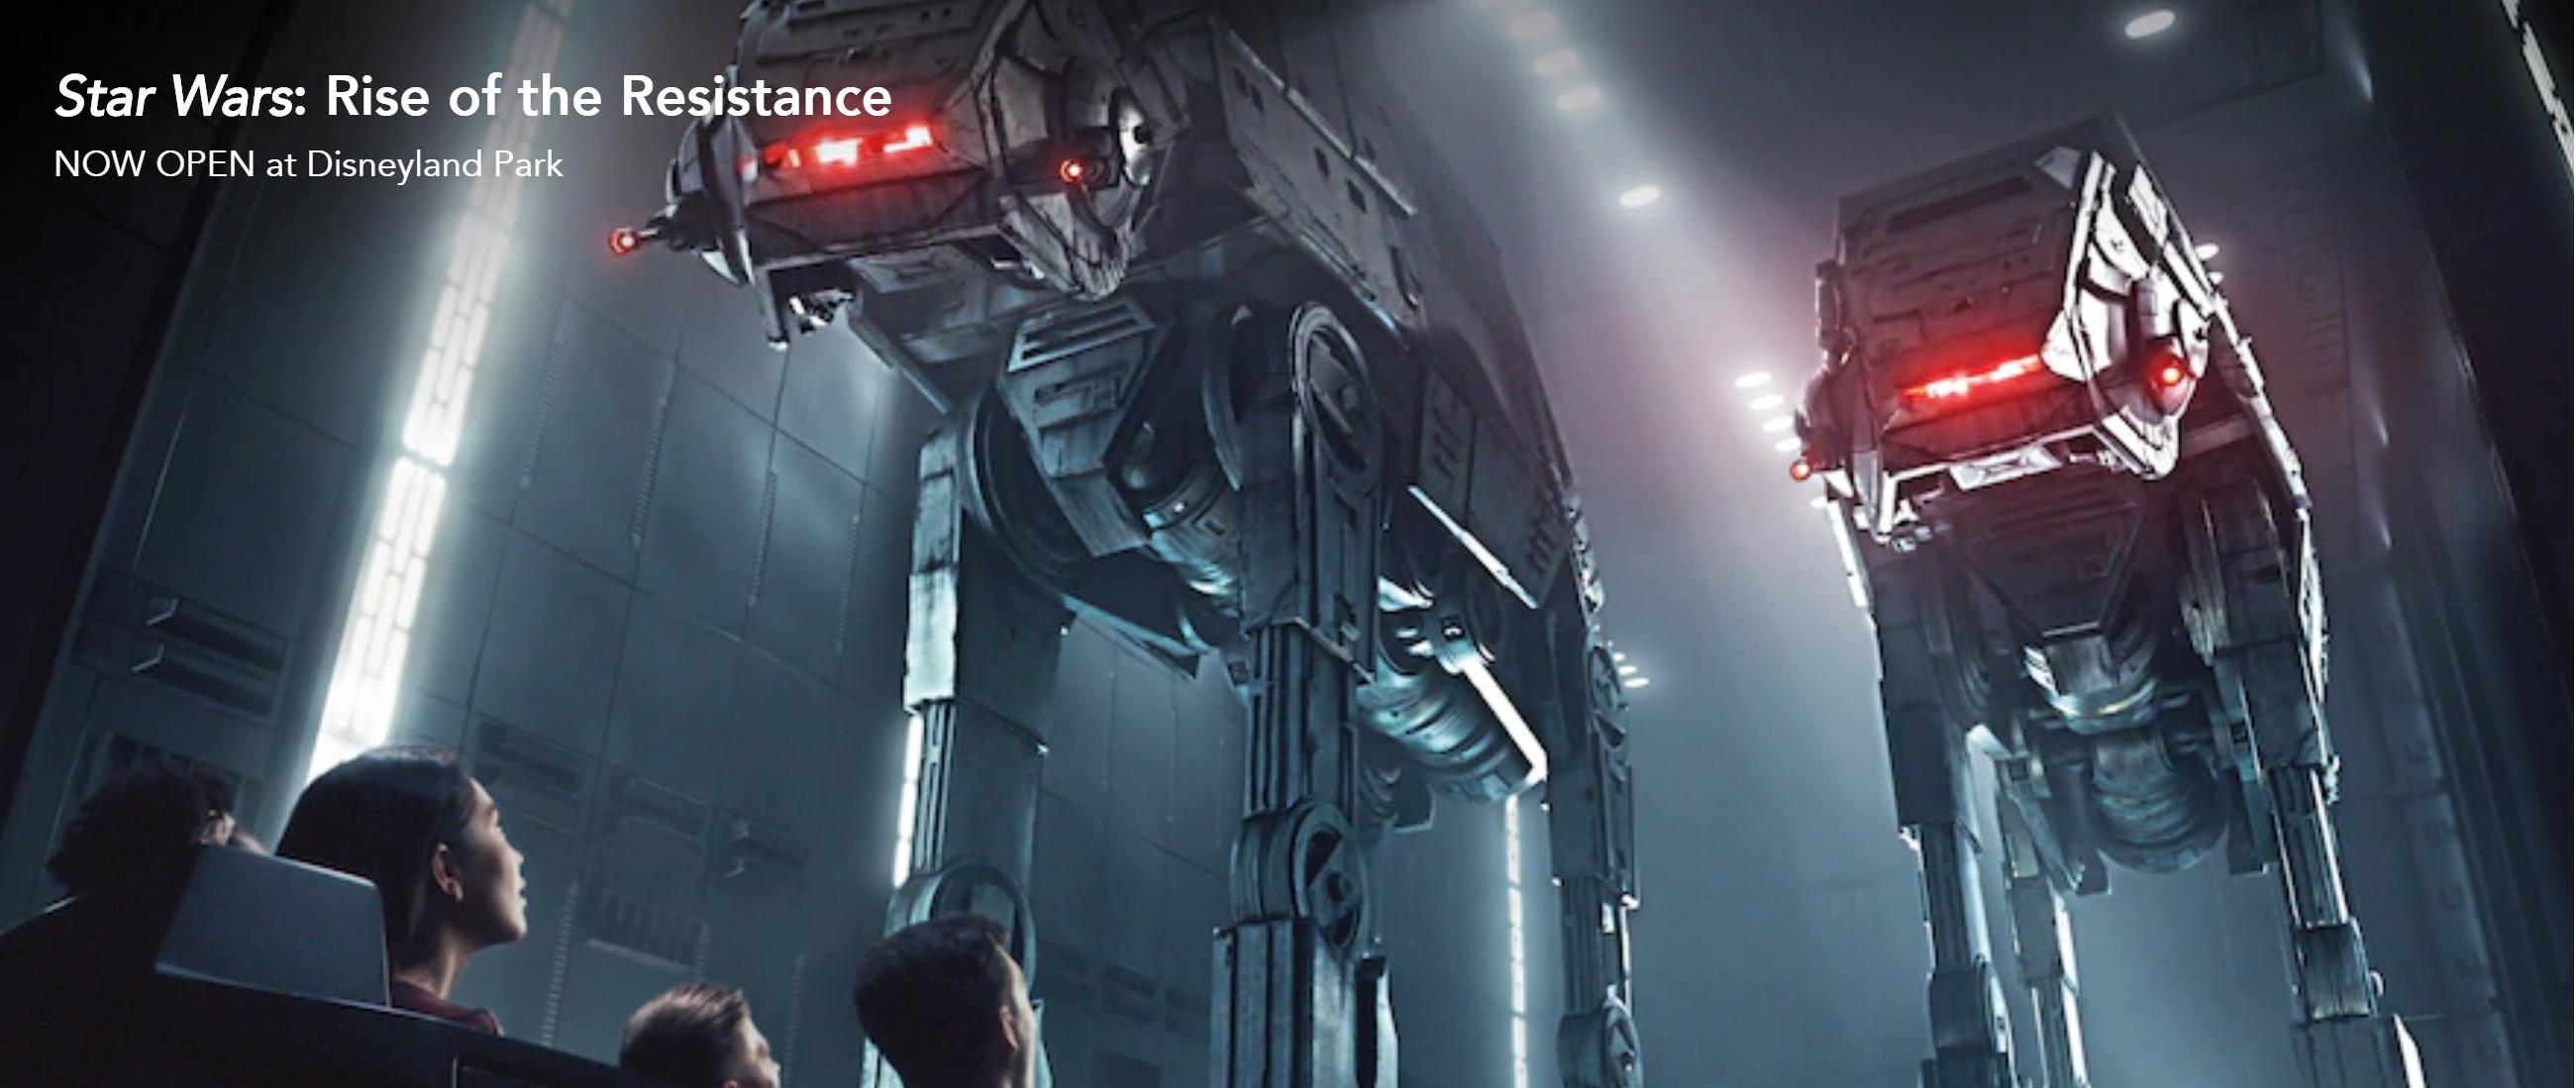 ディズニーランドリゾート アナハイム スター・ウォーズ: ライズ・オブ・ザ・レジスタンスに乗る方法 Disneyland Resort Anaheim Star Wars: Rise of the Resistance